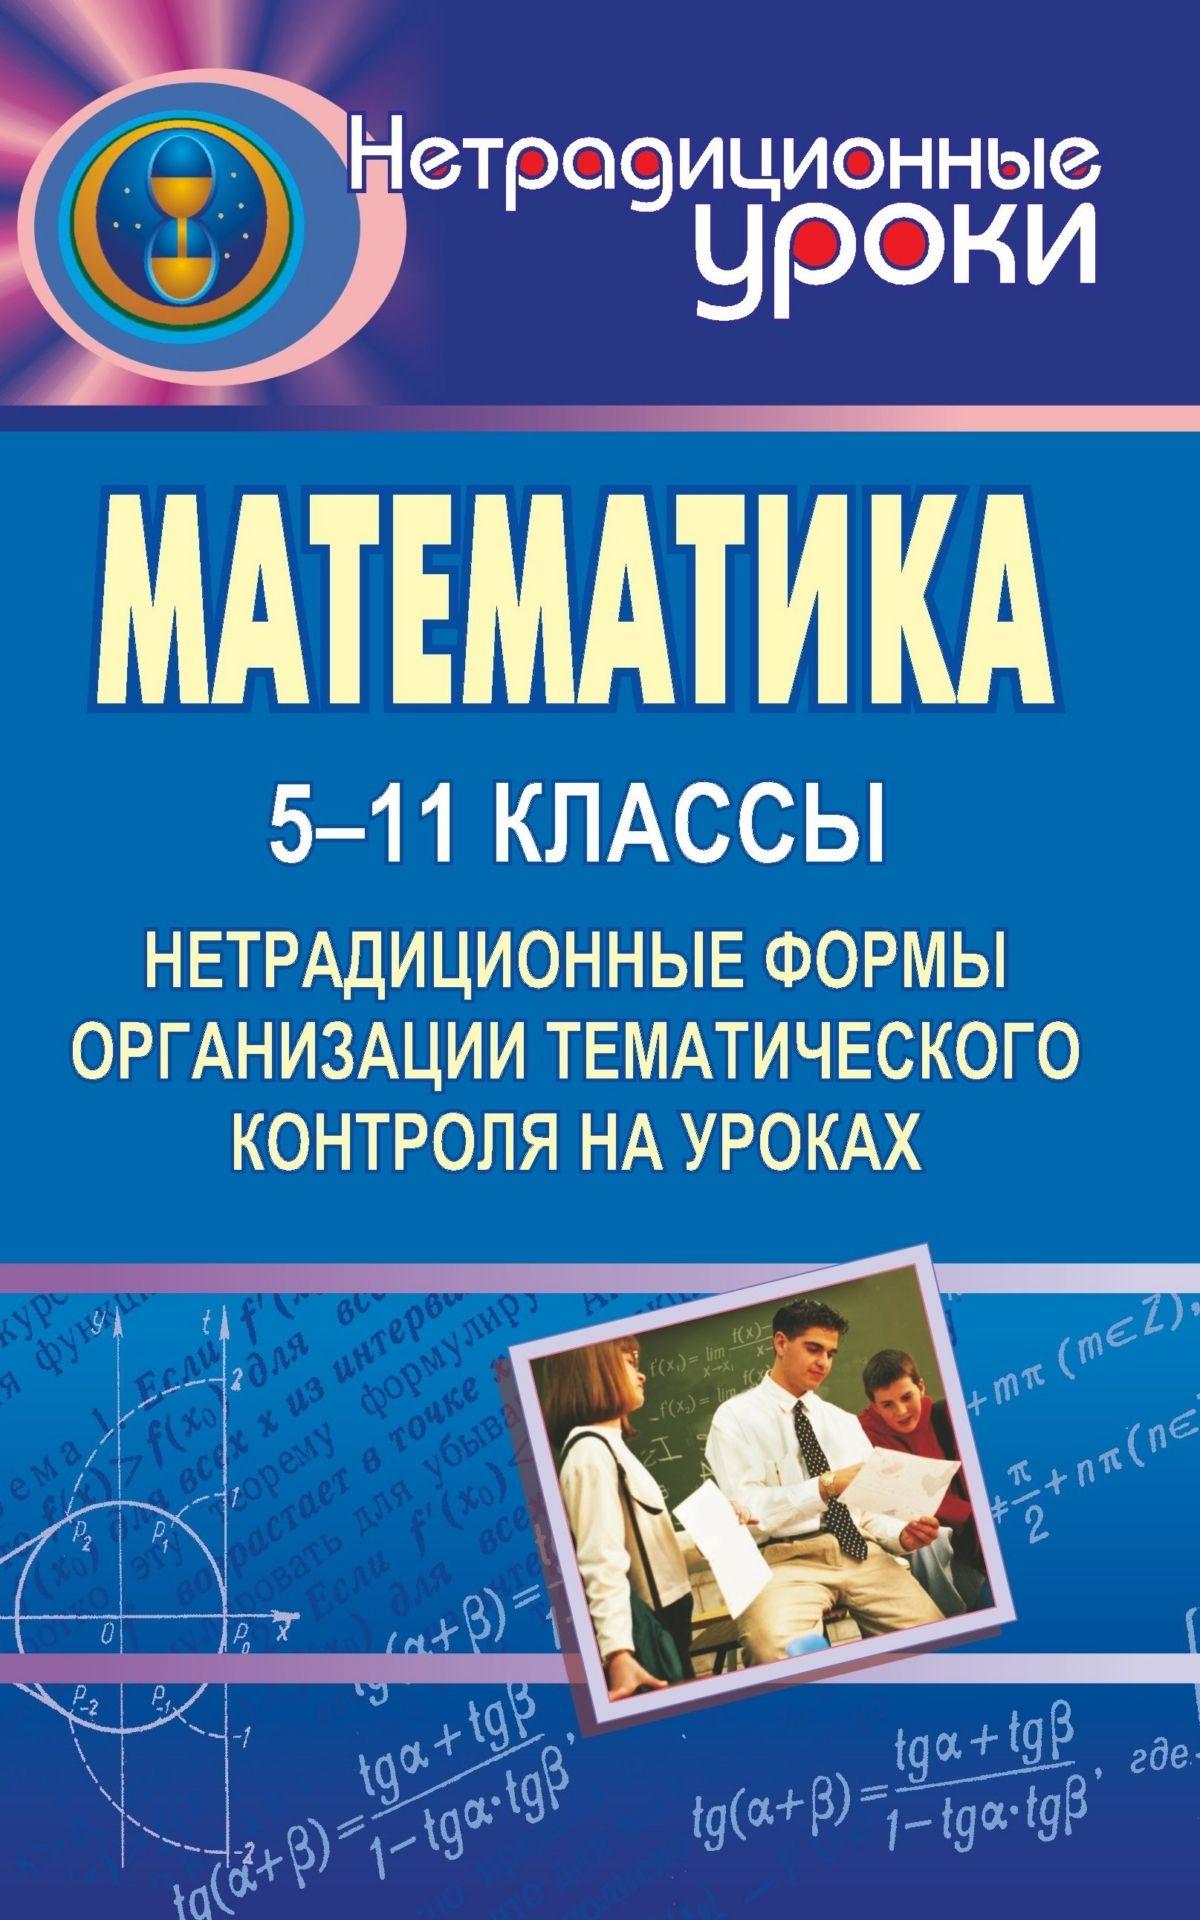 Математика. 5-11 классы: нетрадиционные формы организации тематического контроля на урокахОткрытые и нетрадиционные уроки<br>В предлагаемой книге рассматриваются нетрадиционные формы тематического контроля с позиций личностно-ориентированного обучения.В книге представлены разработанные авторами зачеты Вертушка (геометрия 8 кл.), Слалом (алгебра 8 кл. и 10 кл.), Танграм, о...<br><br>Авторы: Козина М. Е., Фадеева О. М.<br>Год: 2008<br>Серия: Нетрадиционные уроки<br>ISBN: 978-5-7057-0872-7<br>Высота: 213<br>Ширина: 138<br>Толщина: 6